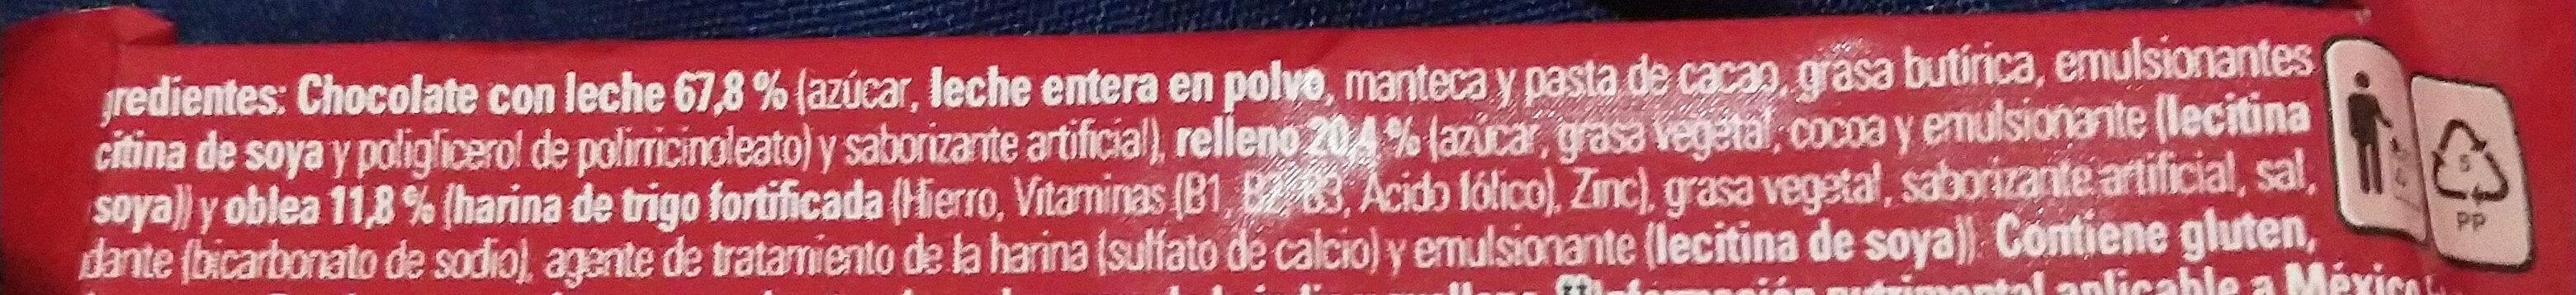 KitKat - Ingredienti - es